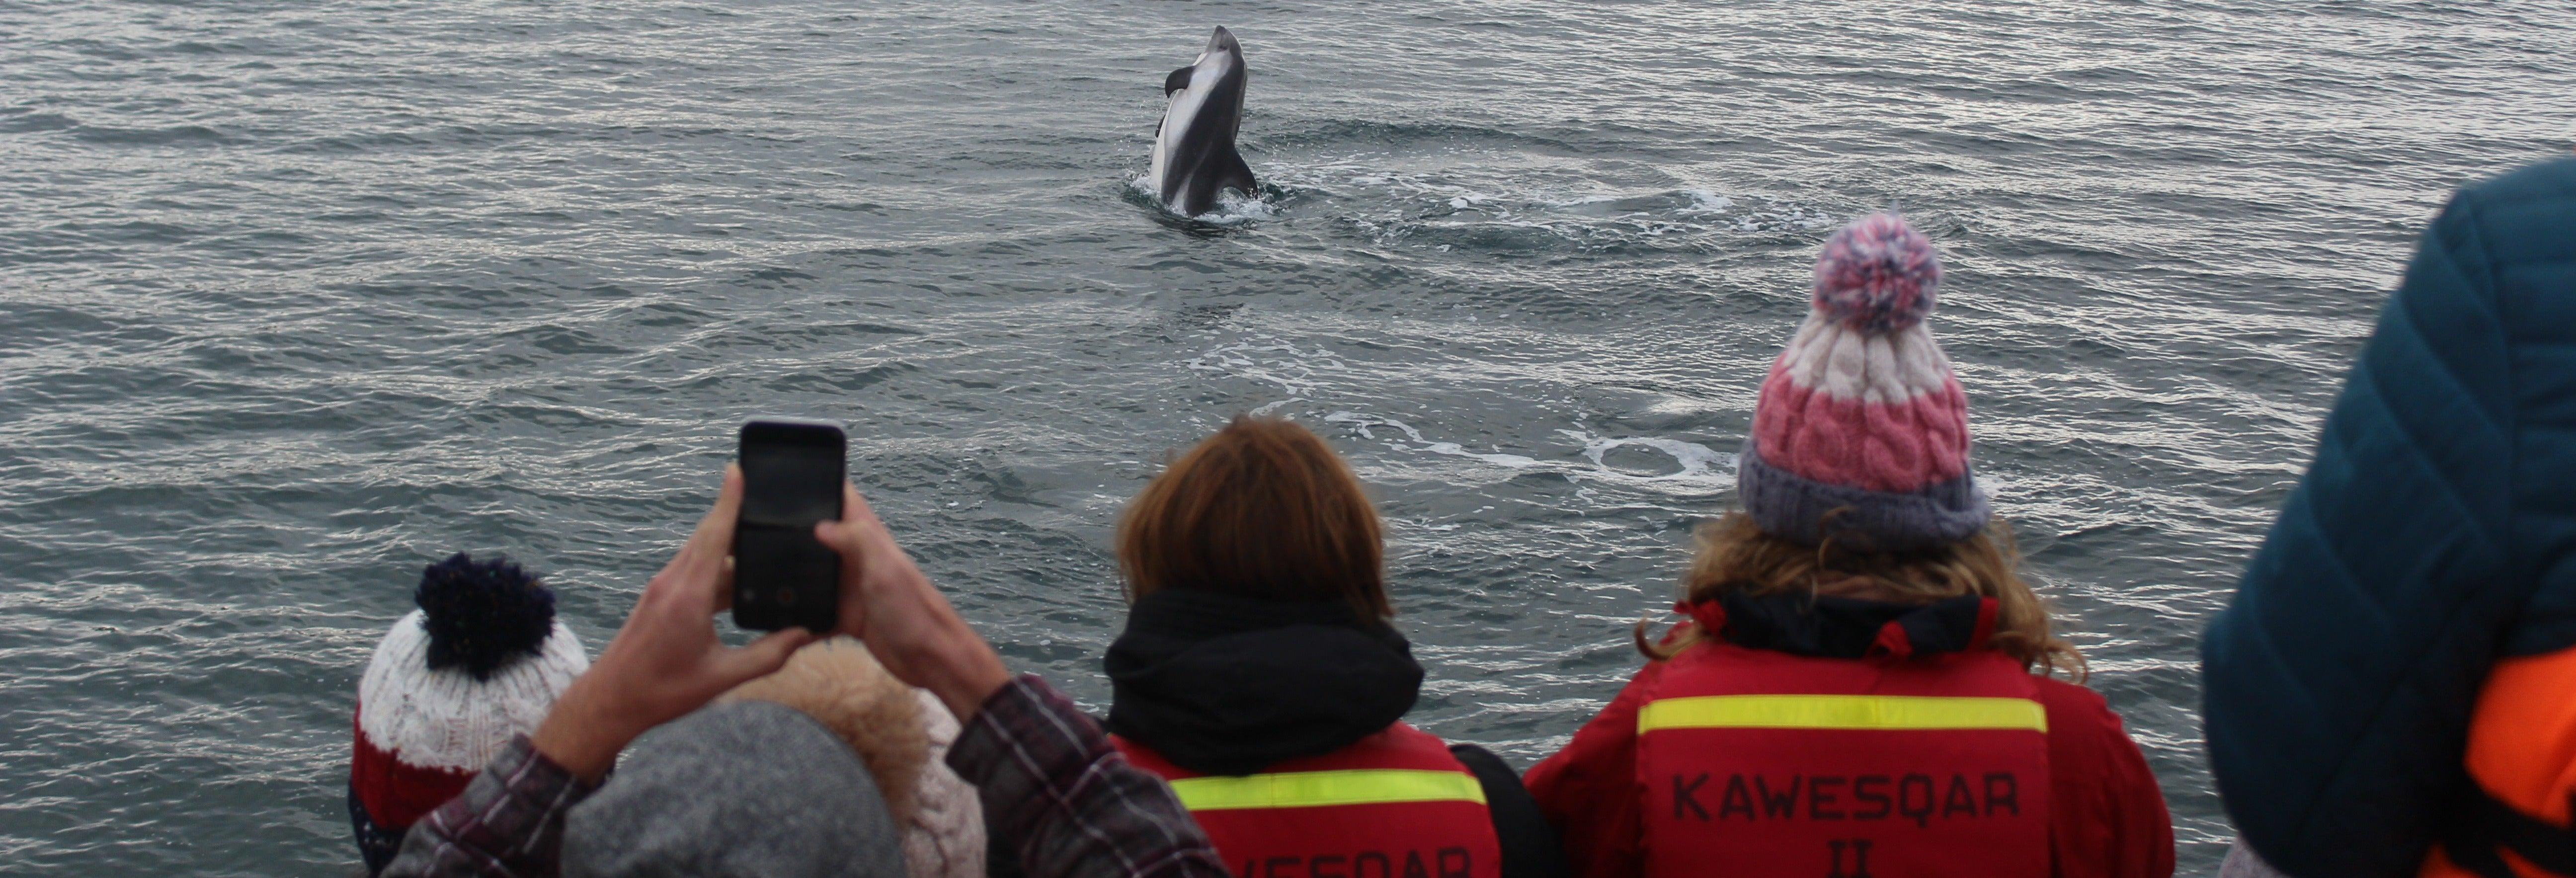 Avistamiento de delfines en la isla Tranqui